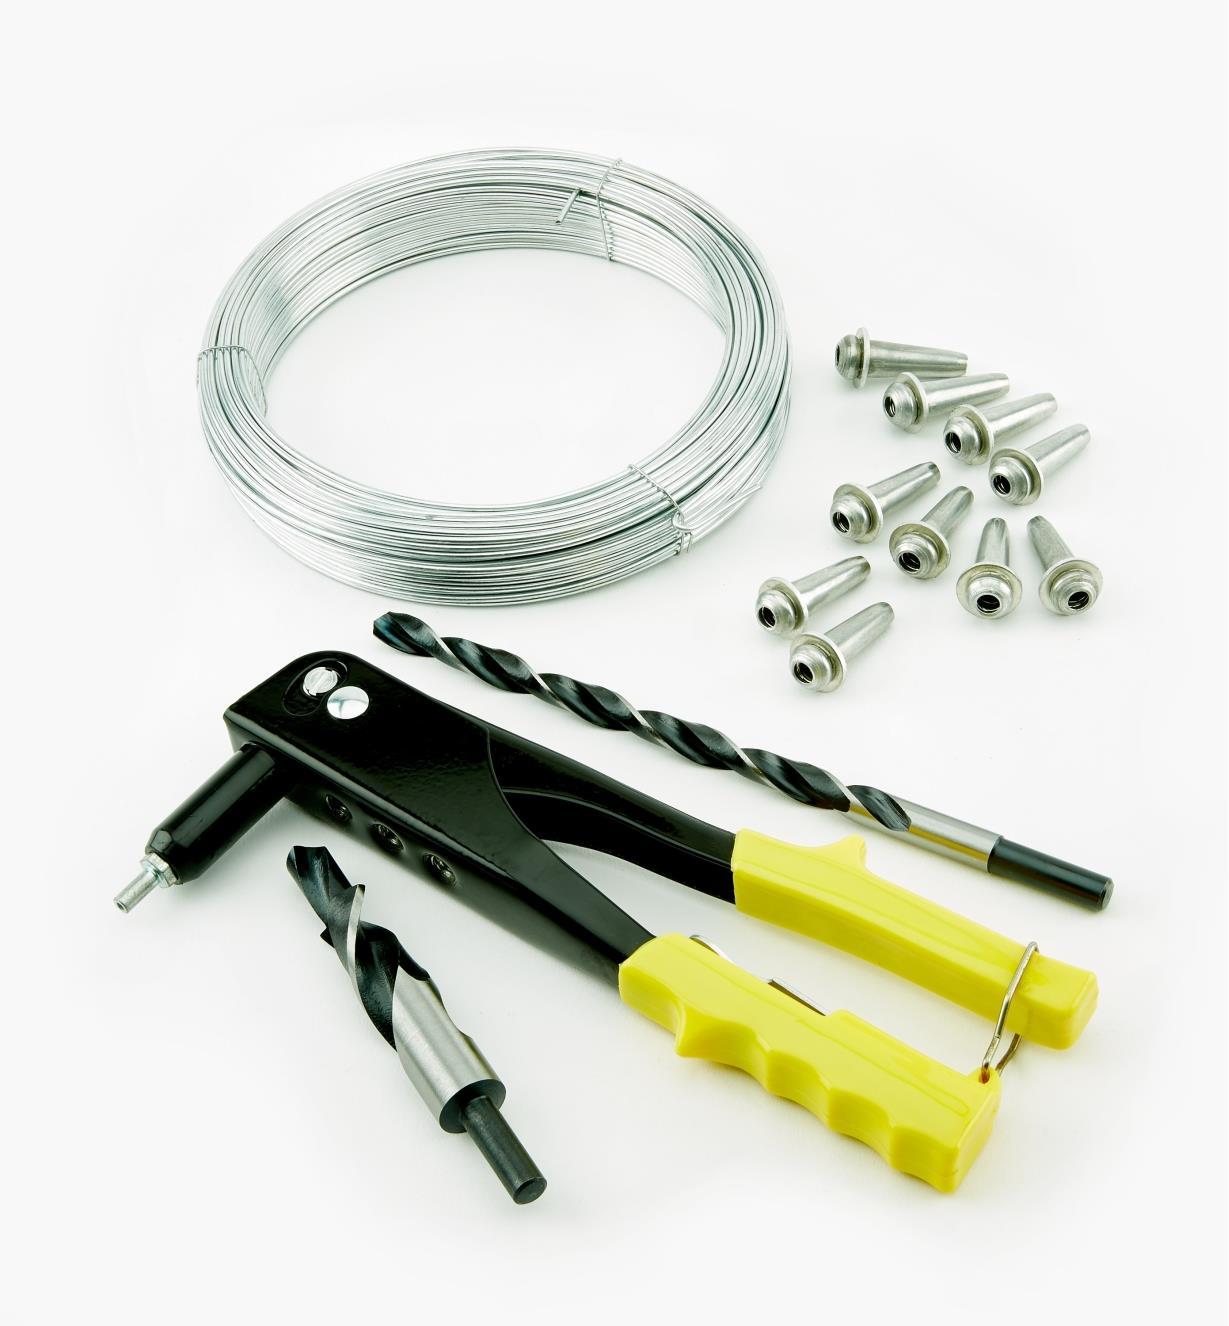 09A0810 - Système de tensionnement pour câbles d'acier